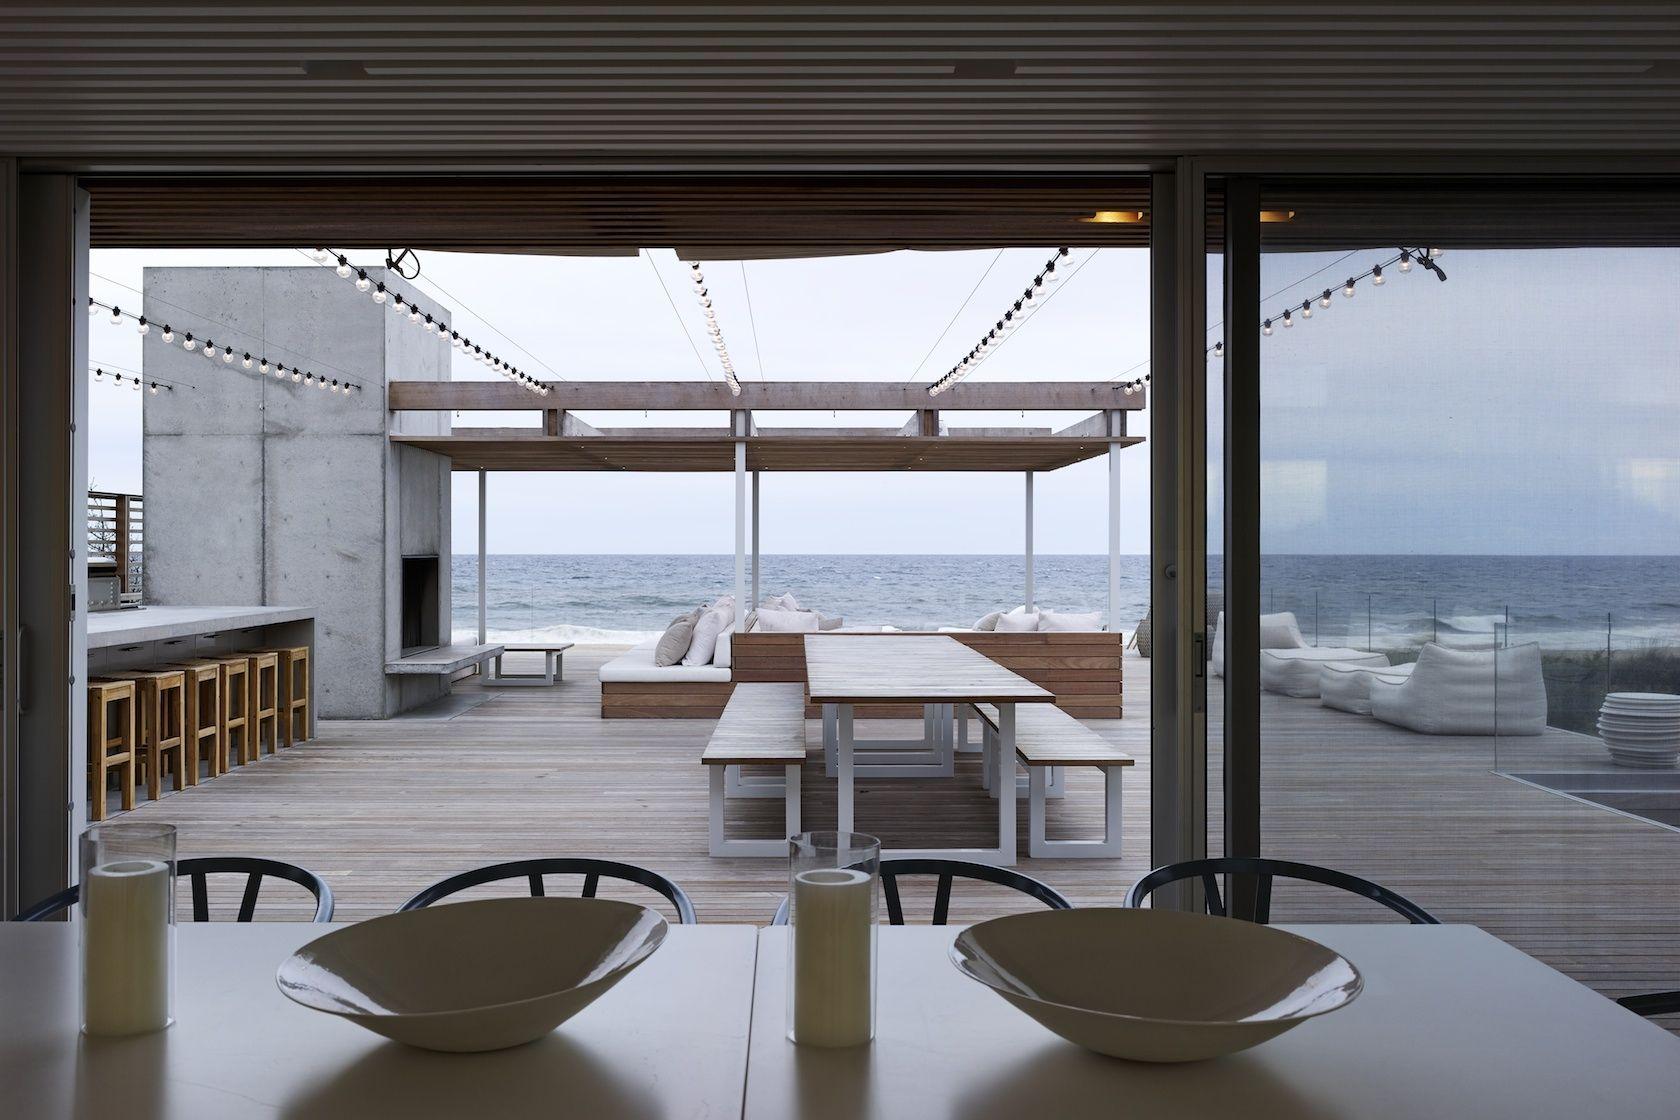 Bridgehampton ny modern house deck overlooking ocean details